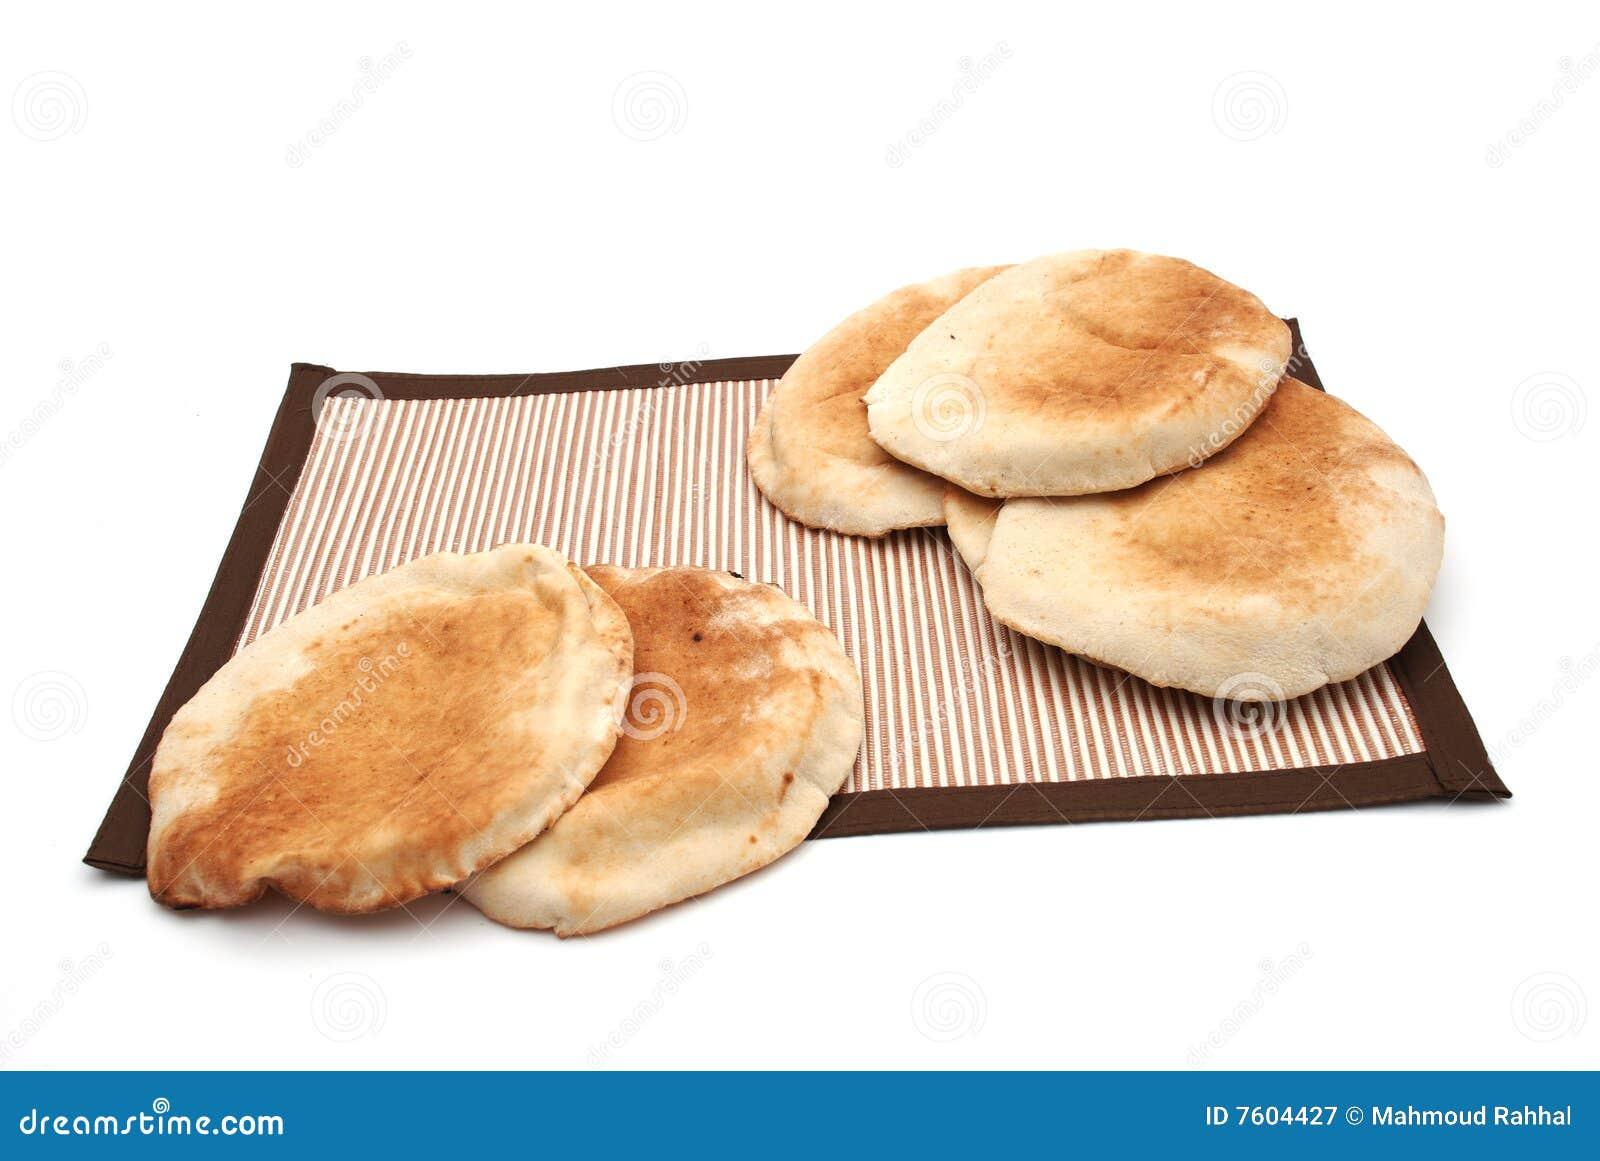 阿拉伯面包